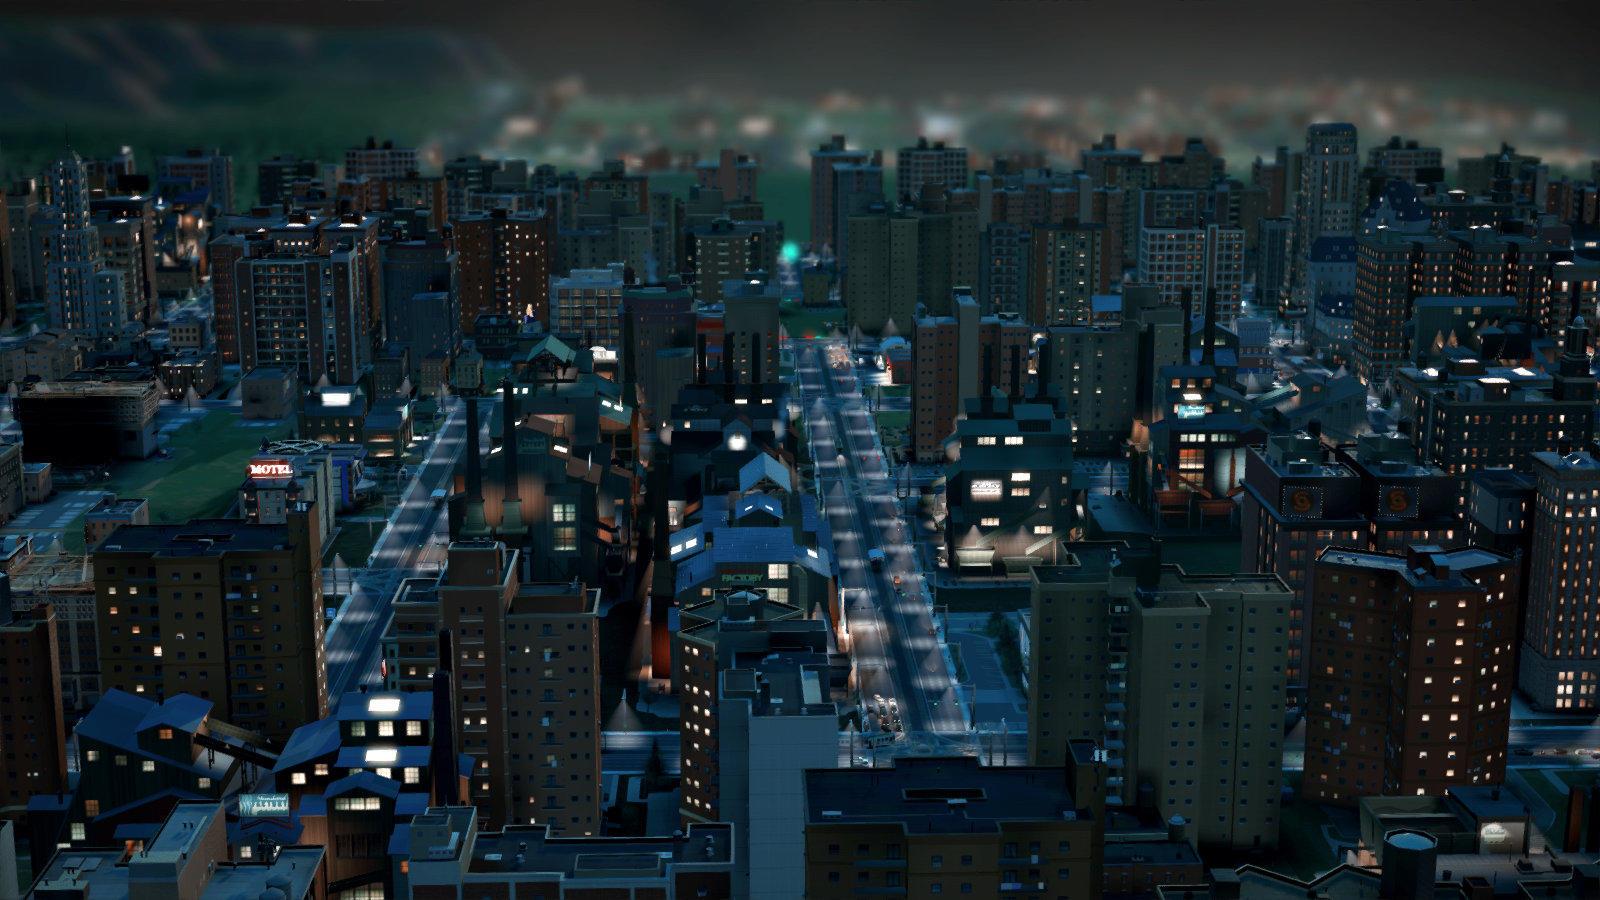 [Imagen]Imágenes de ciudades de Simcity BAXseTICYAAP1O9